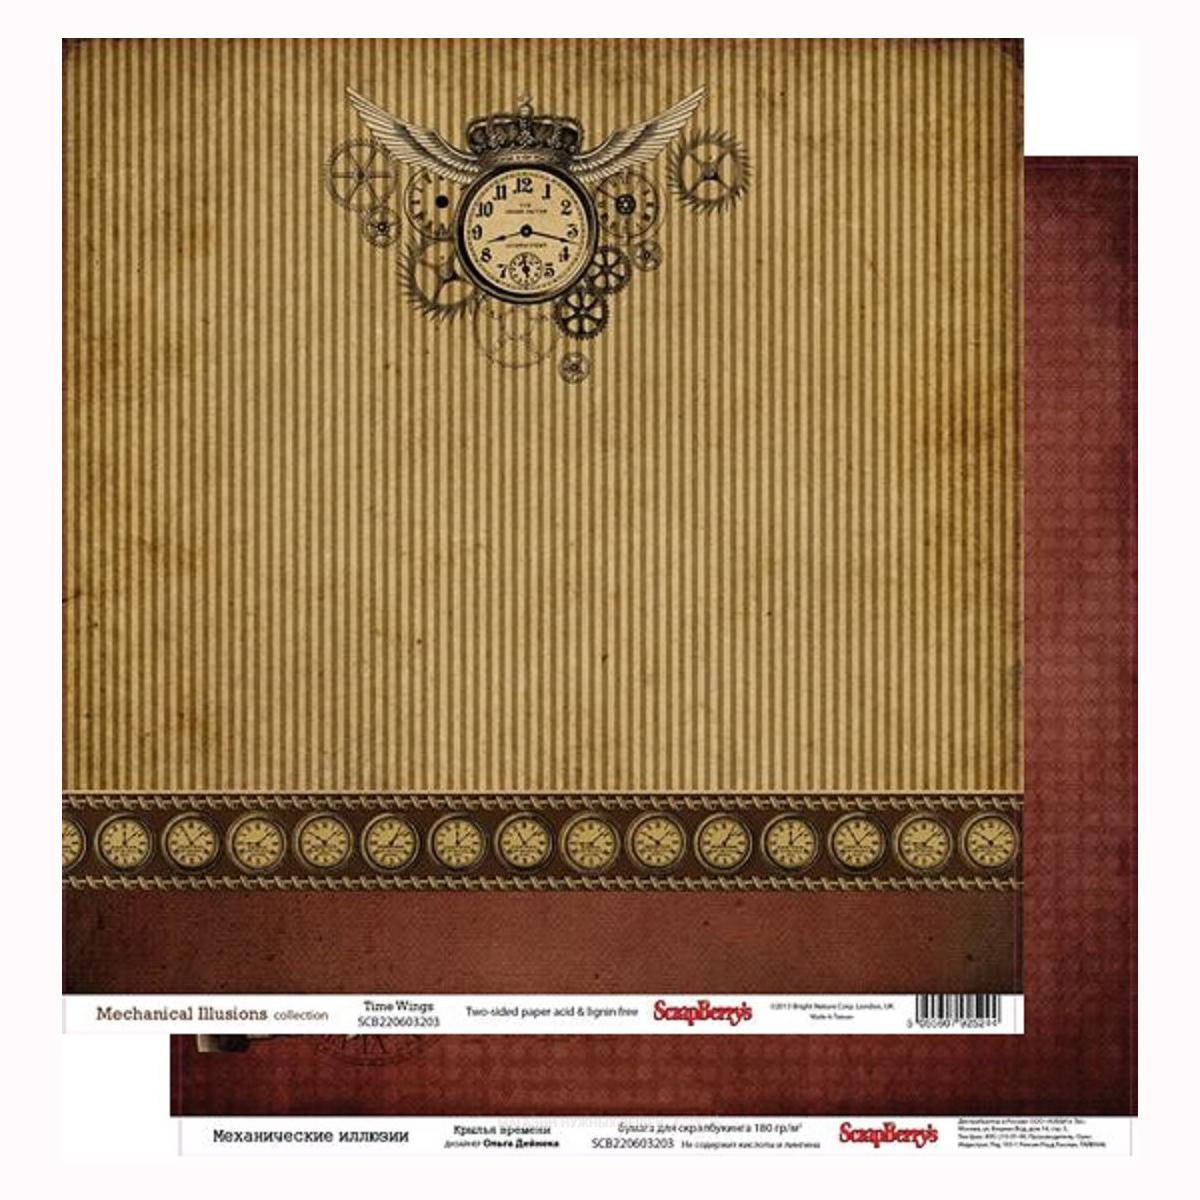 Бумага для скрапбукинга ScrapBerrys Механические иллюзии. Крылья времени, двухсторонняя, 30,5 х 30,5 см, 10 листов. 494892494892